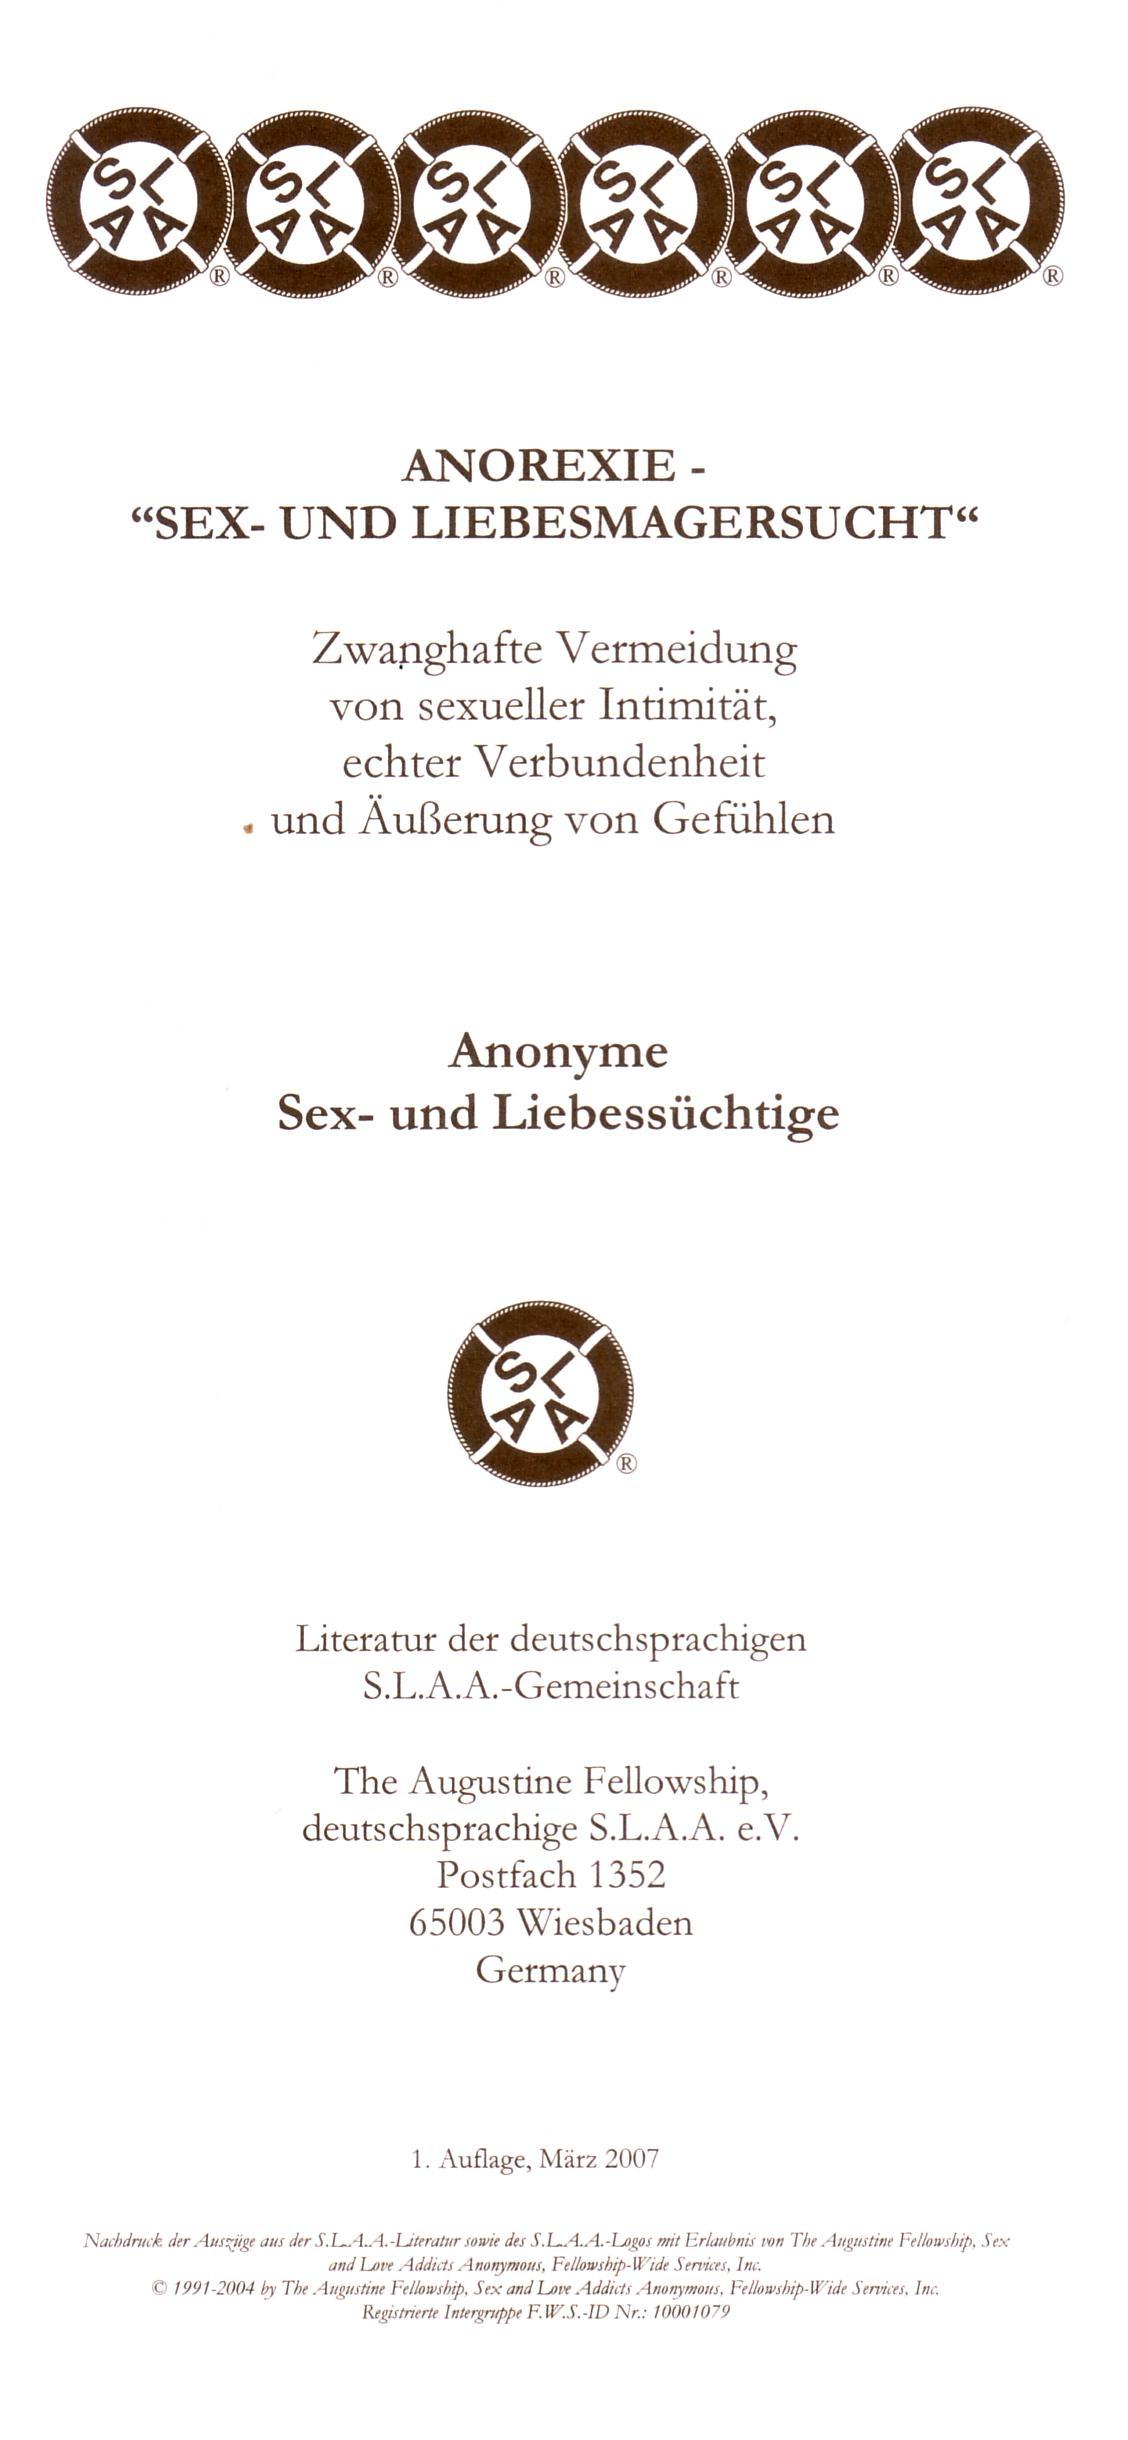 Literatur und Informationen | SLAA Deutschland